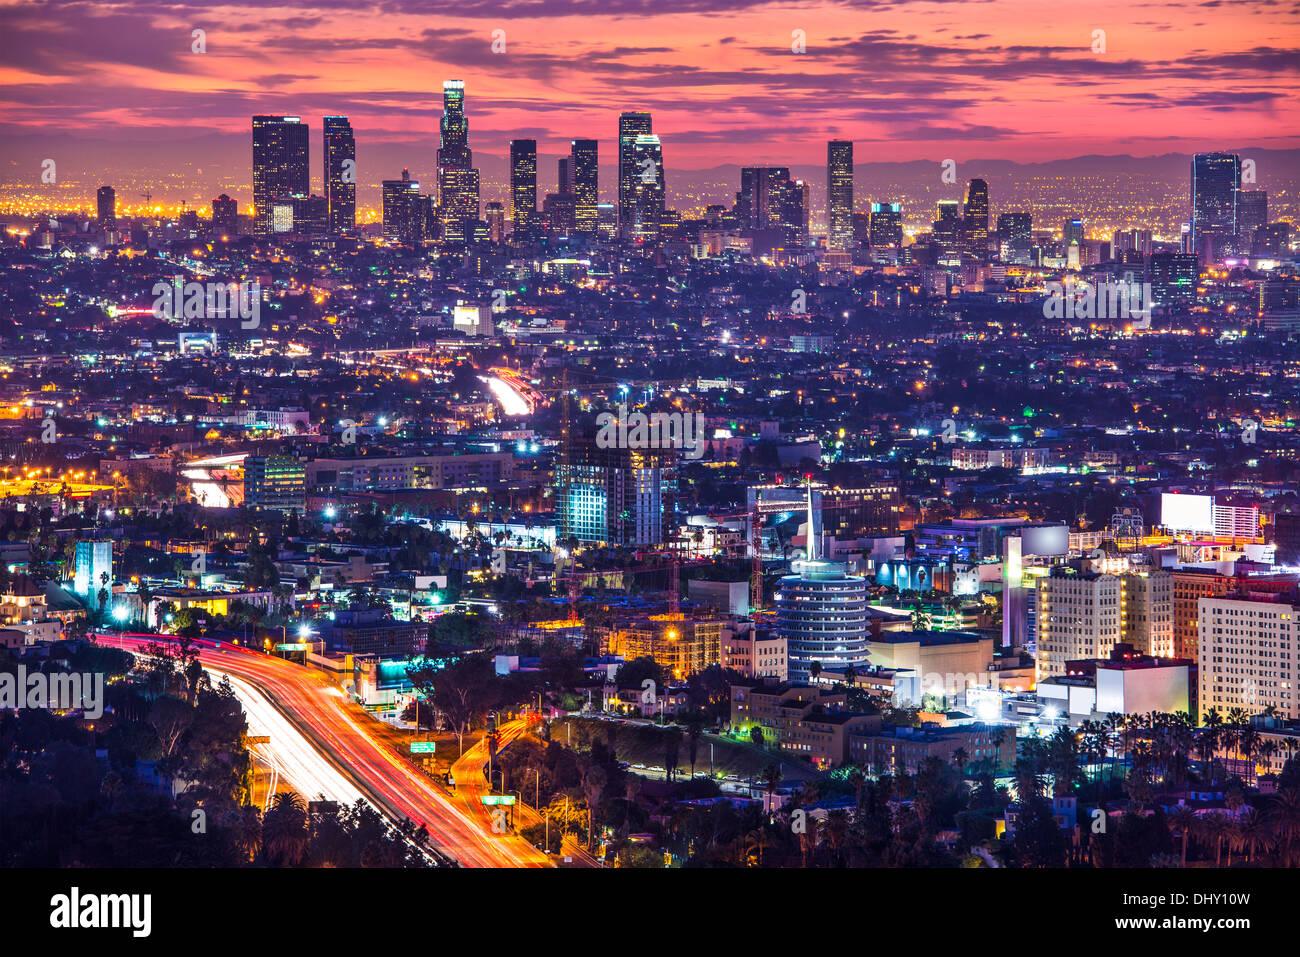 Il centro cittadino di Los Angeles, California, Stati Uniti d'America skyline all'alba. Immagini Stock